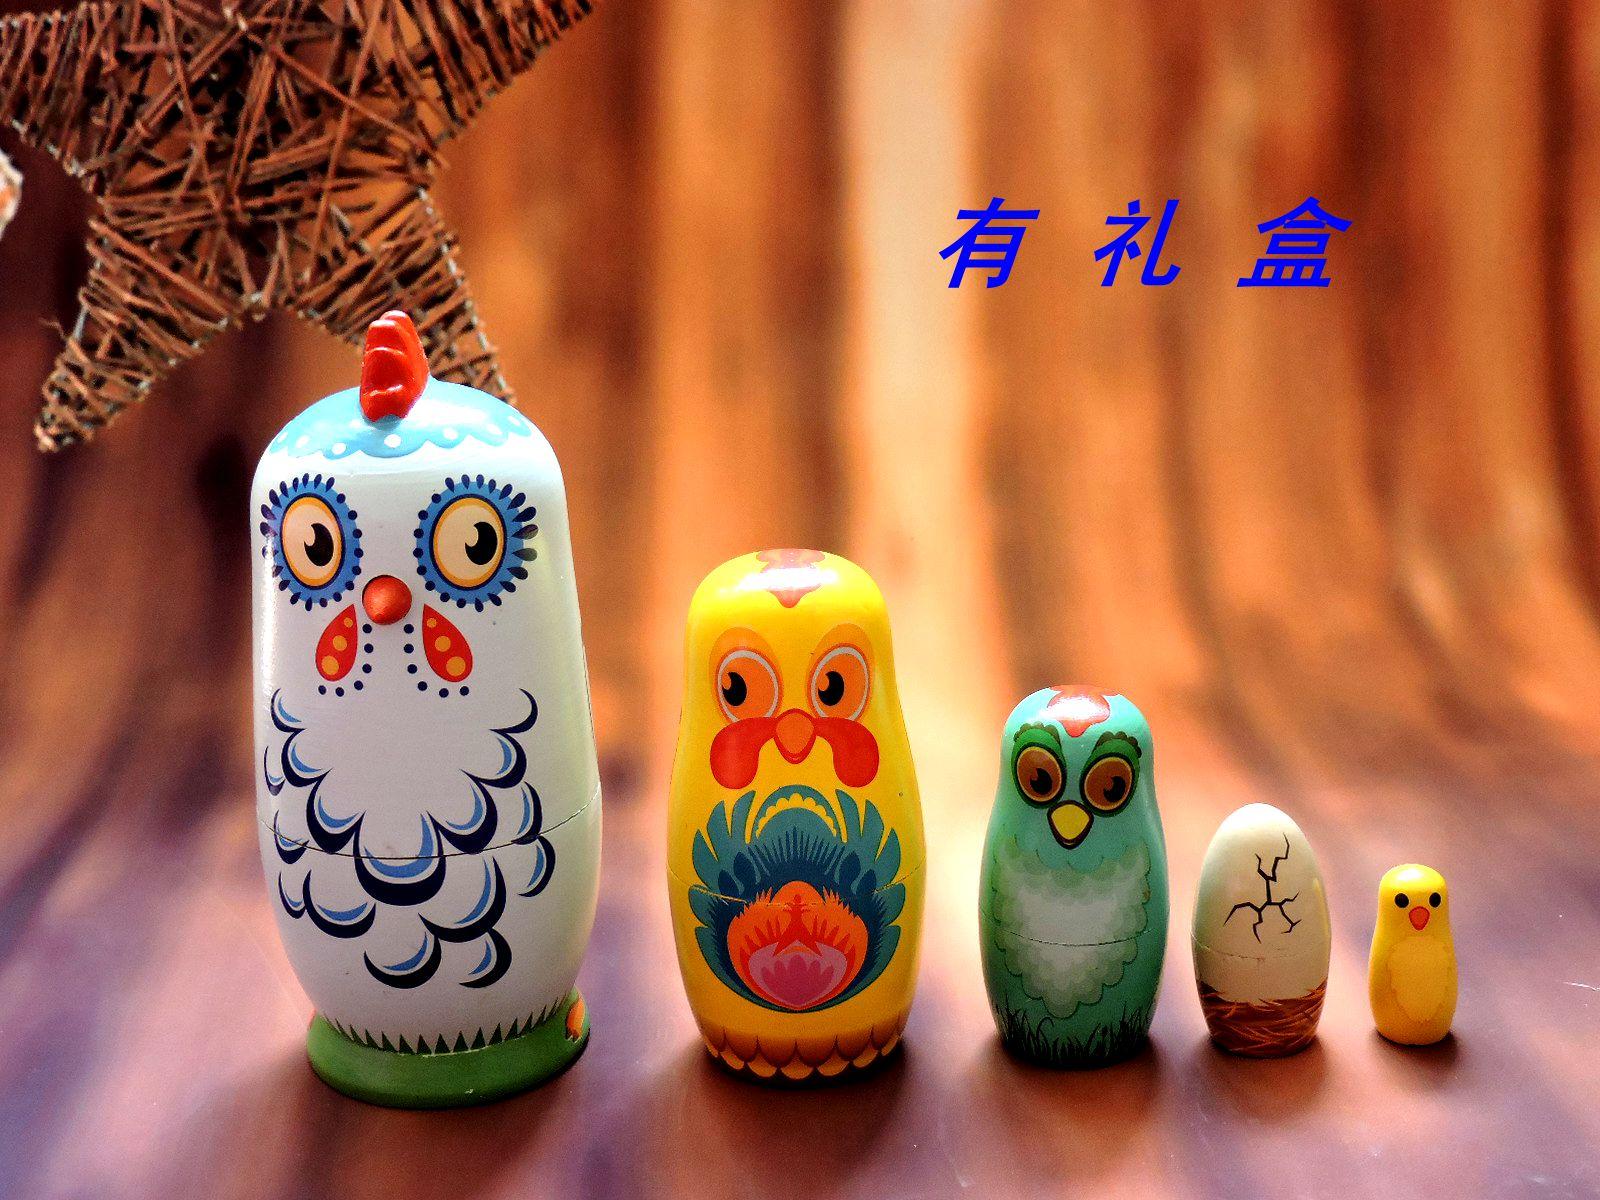 俄罗斯套娃正品5层小鸡纯手工木制玩具创意摆件生日礼品特色工艺